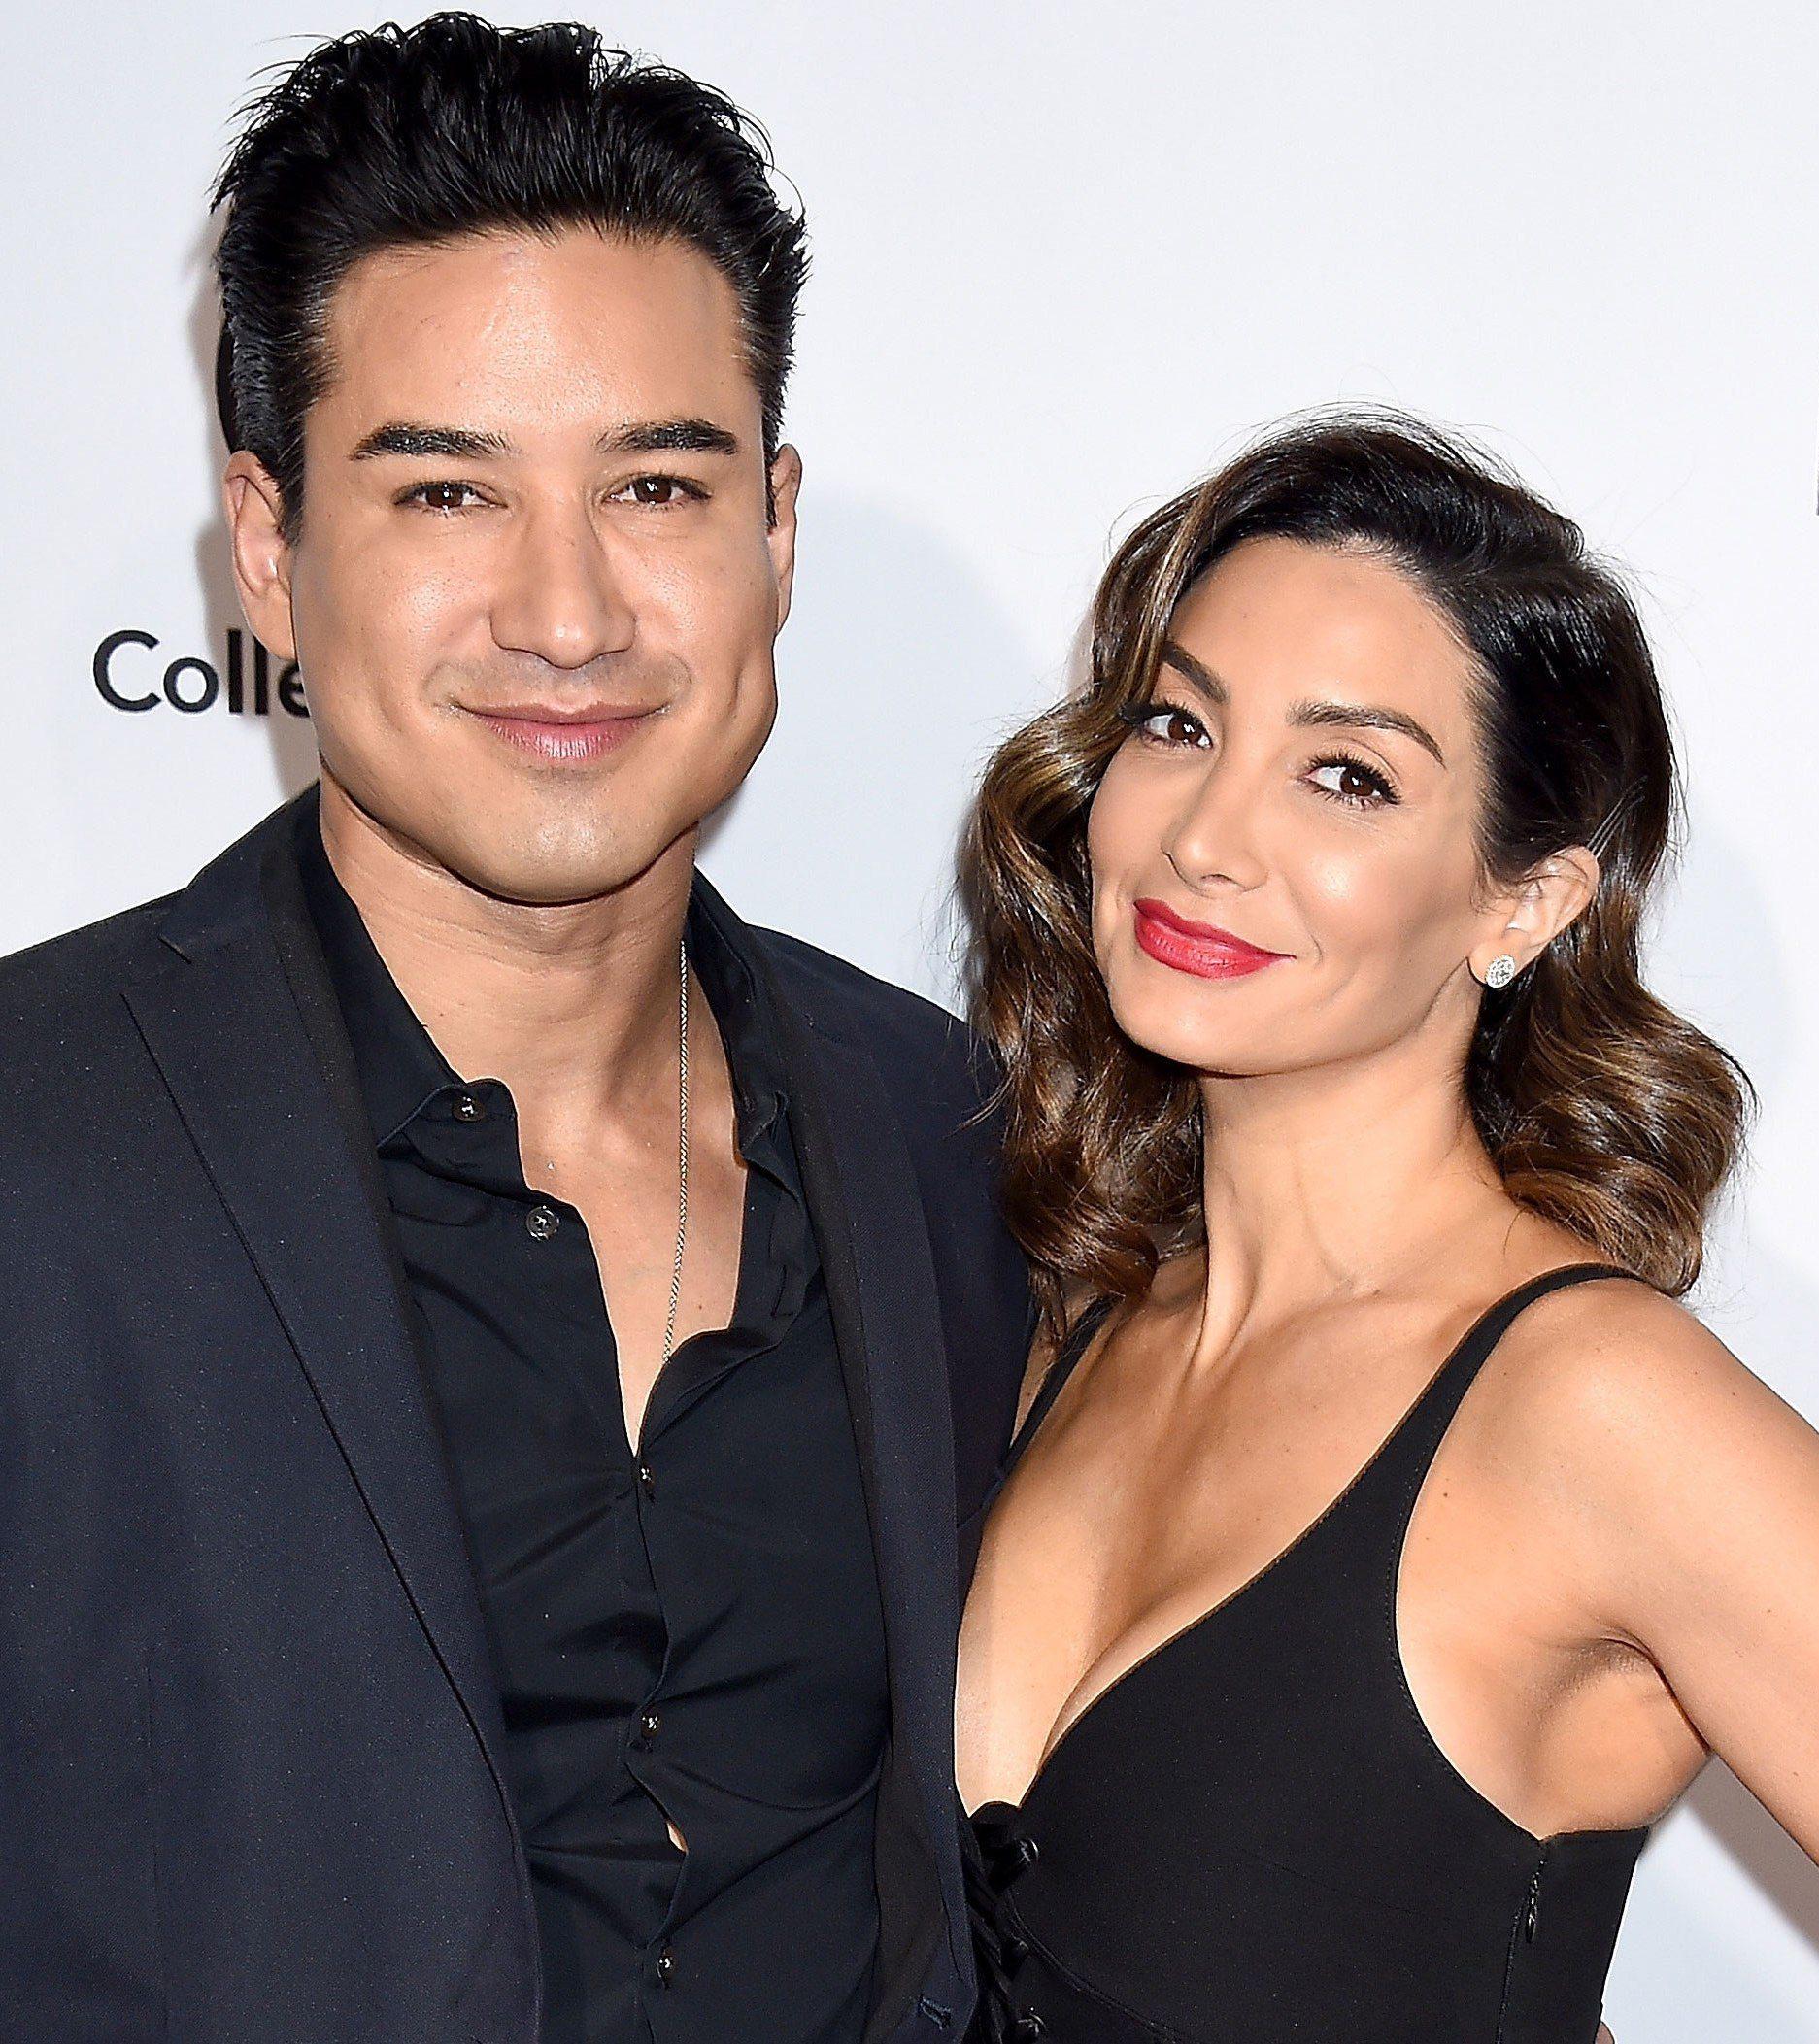 Mario Lopez with wife Courtney Mazza, 2019